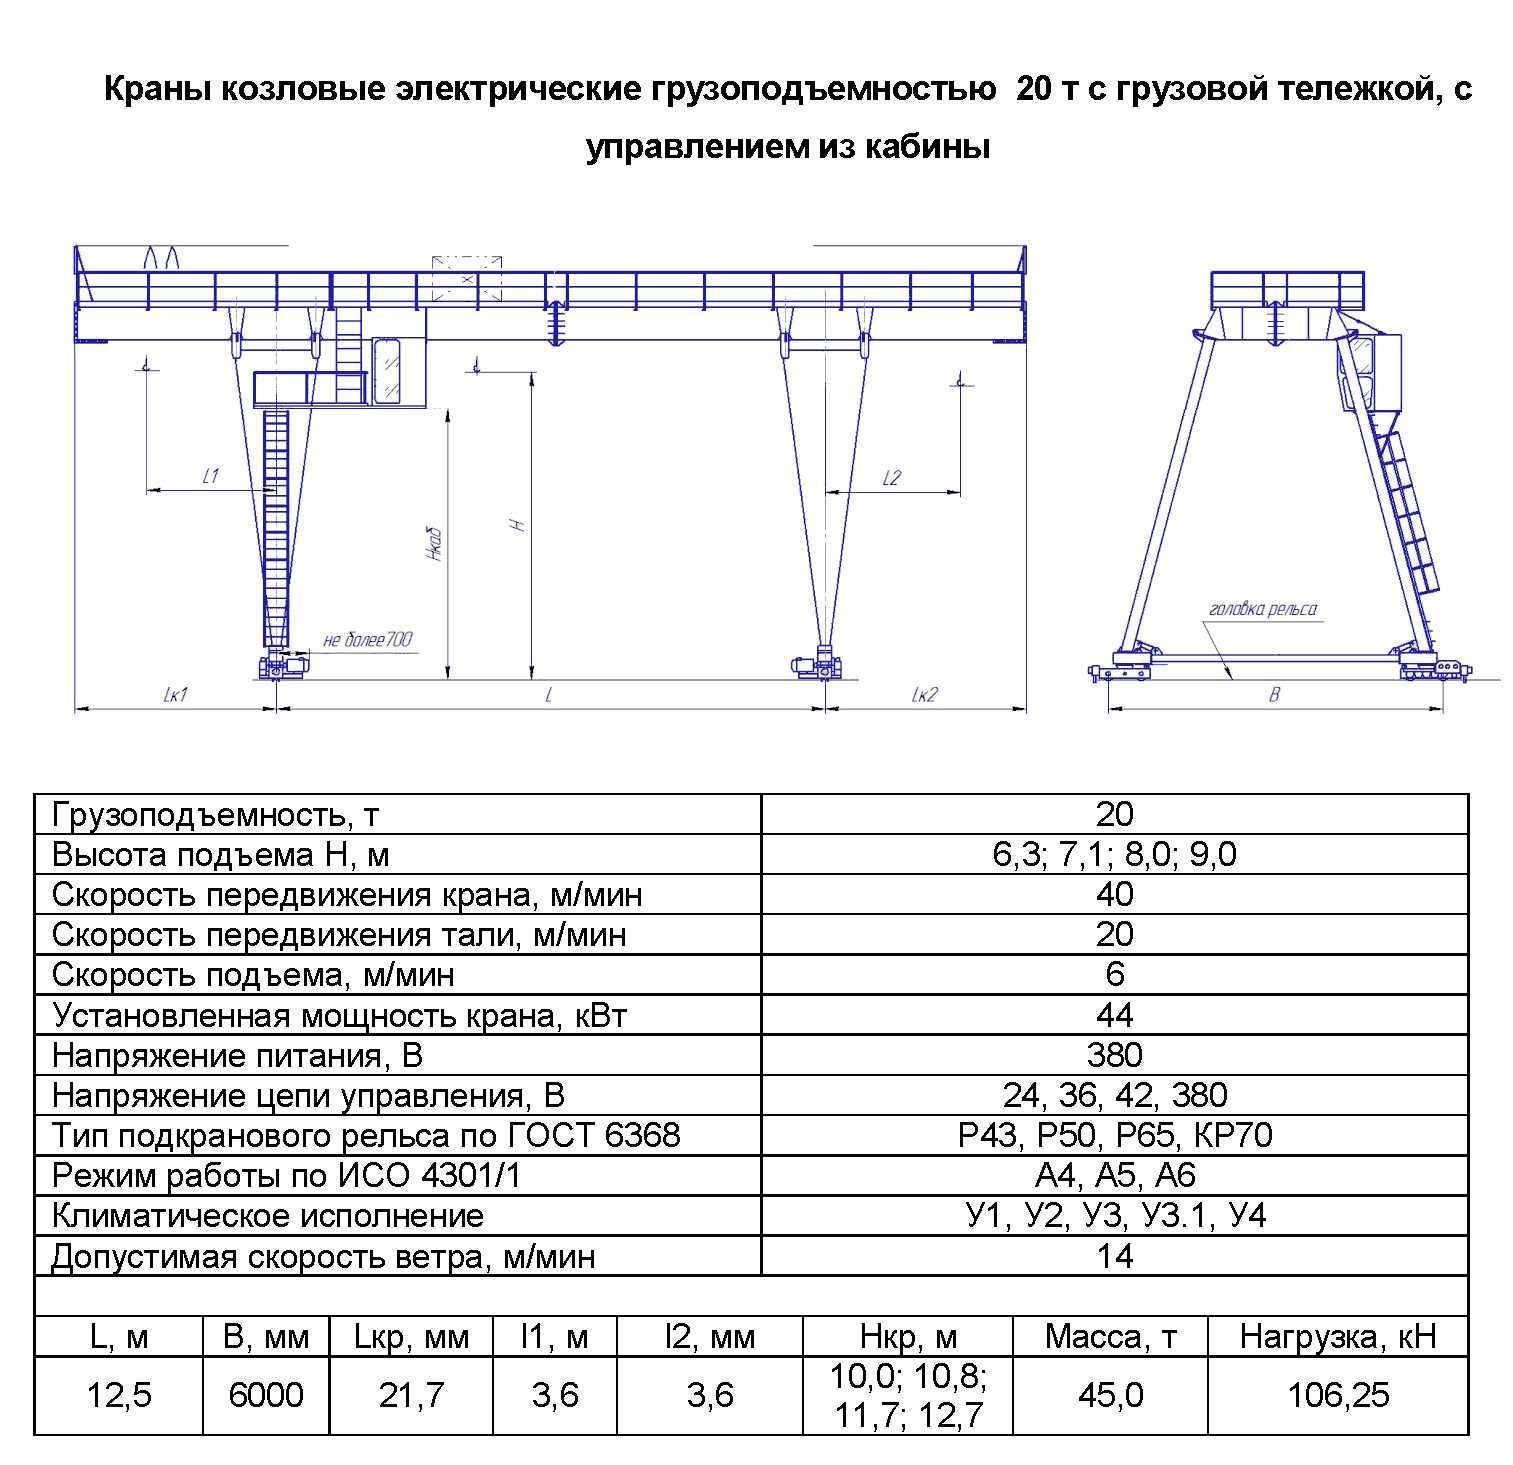 KKD 20 125 - Кран козловой электрический двухбалочный